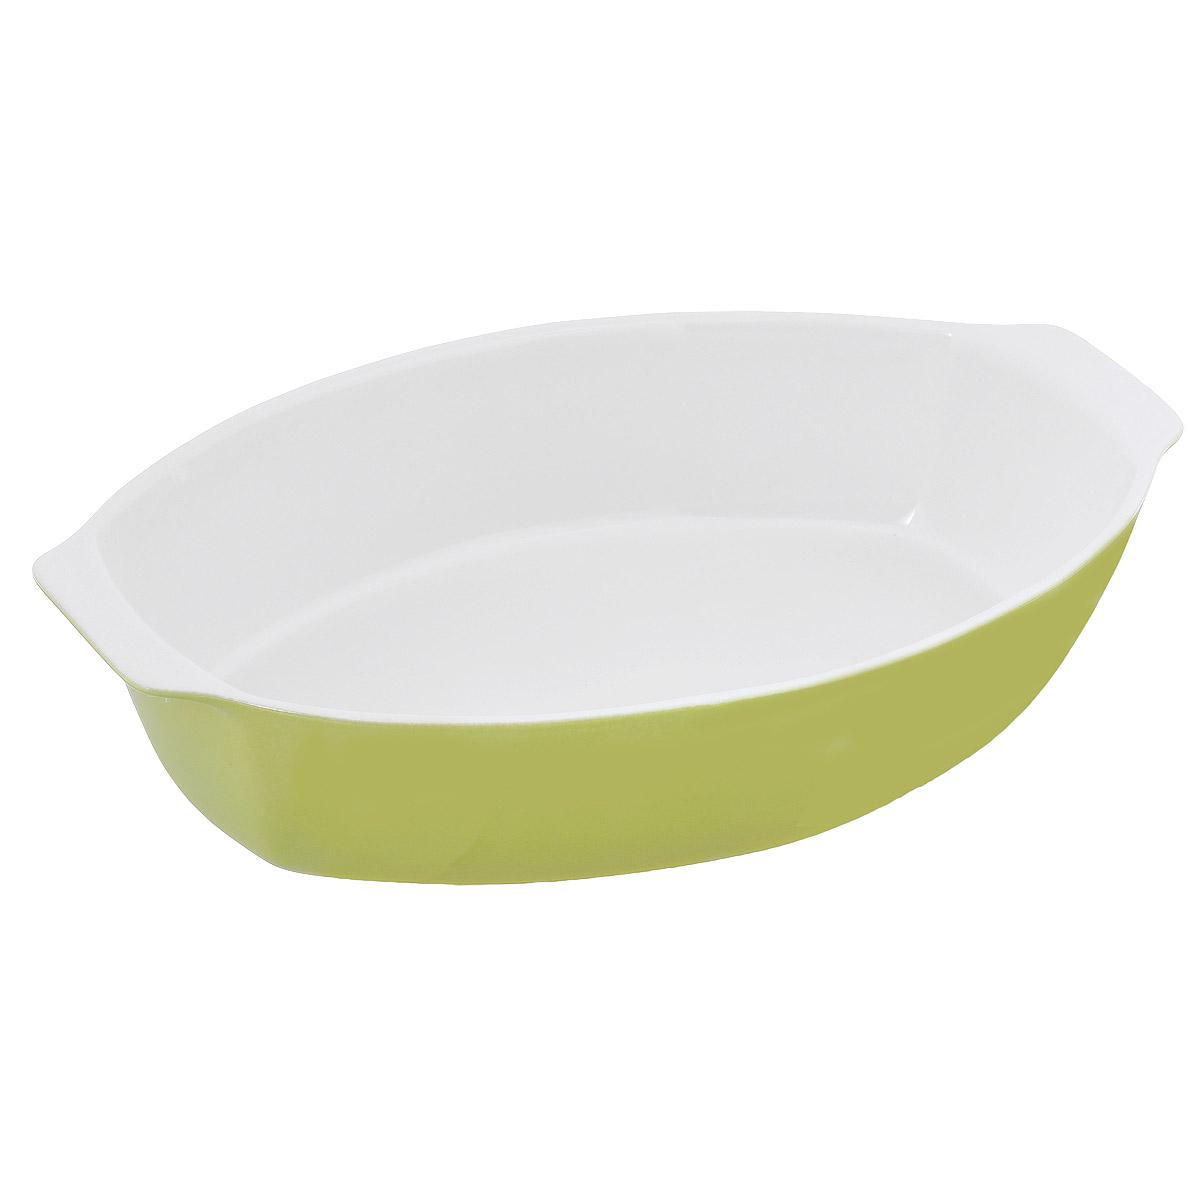 Емкость для запекания OvenLove, овальная, цвет: зеленый, 39 см х 24 см х 8 см104367Емкость для запекания OvenLove изготовлена из жаропрочной керамики с глазурованной поверхностью. Керамическая посуда идеальна для тушения и томления блюд в духовке, блюда получаются вкусными и сочными, сохраняя при этом все полезные вещества. Абсолютно гладкая поверхность легко моется. Внешние стенки цветные. Емкость оснащена удобными ручками. Можно использовать в духовом шкафу при температуре до 250°С, в микроволновой печи, а также в посудомоечной машине. Подходит для хранения пищи в холодильнике.